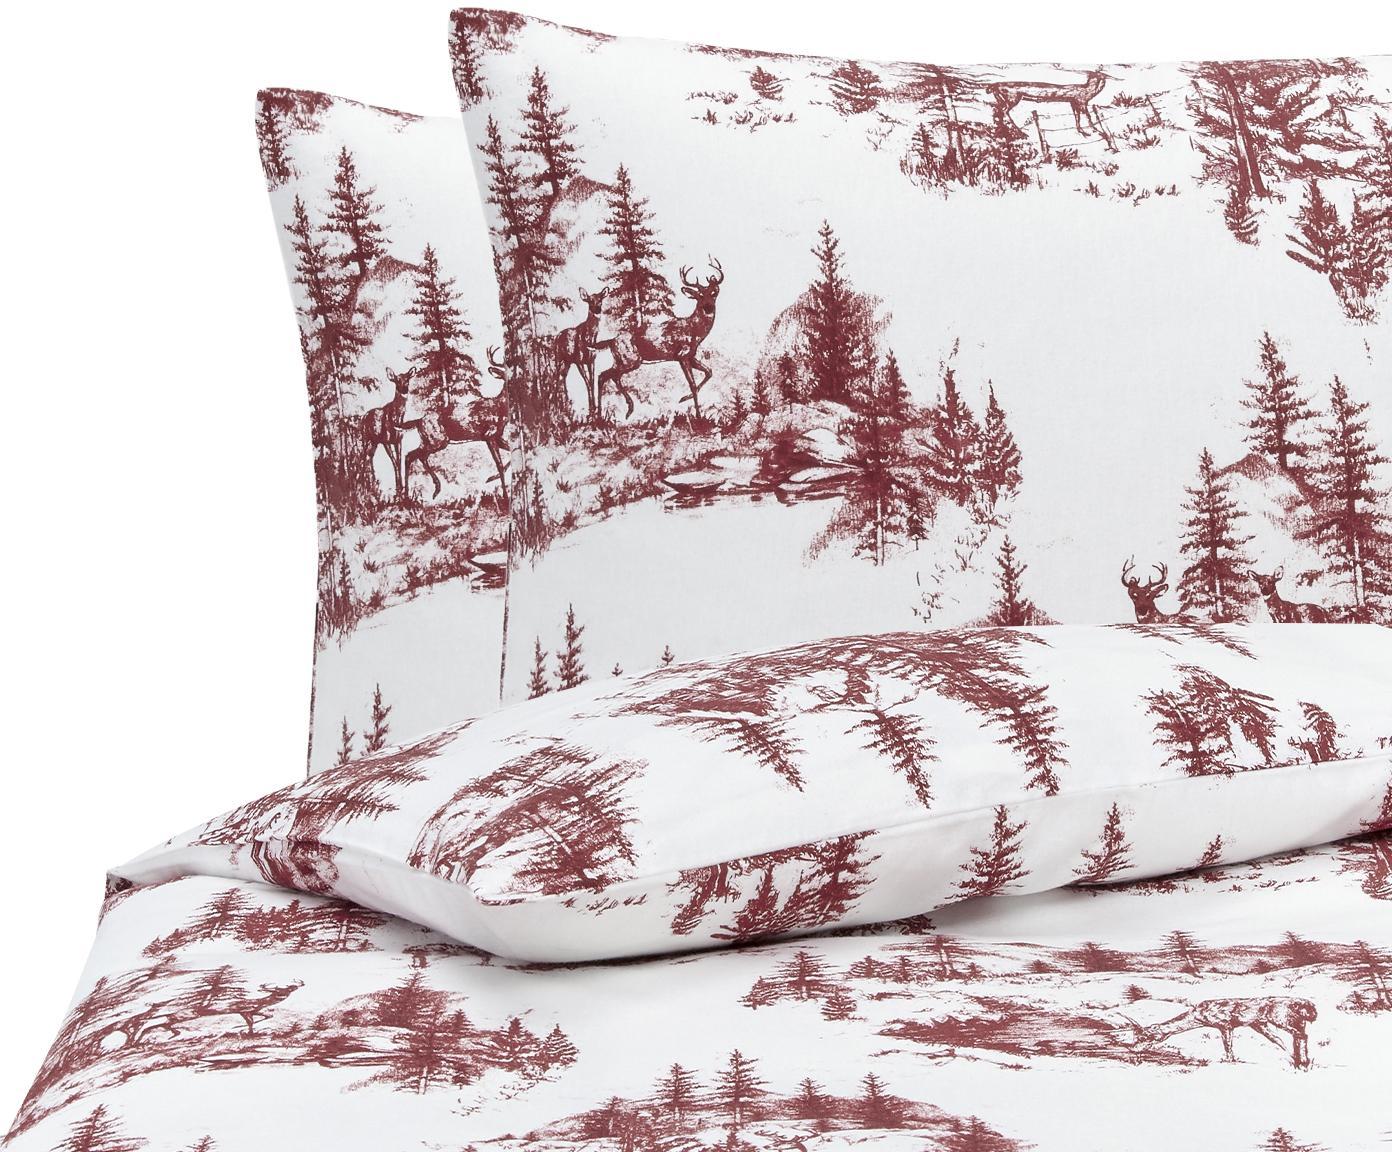 Flanell-Bettwäsche Nordic mit winterlichem Motiv, Webart: Flanell Flanell ist ein s, Rot, Weiß, 240 x 220 cm + 2 Kissen 80 x 80 cm